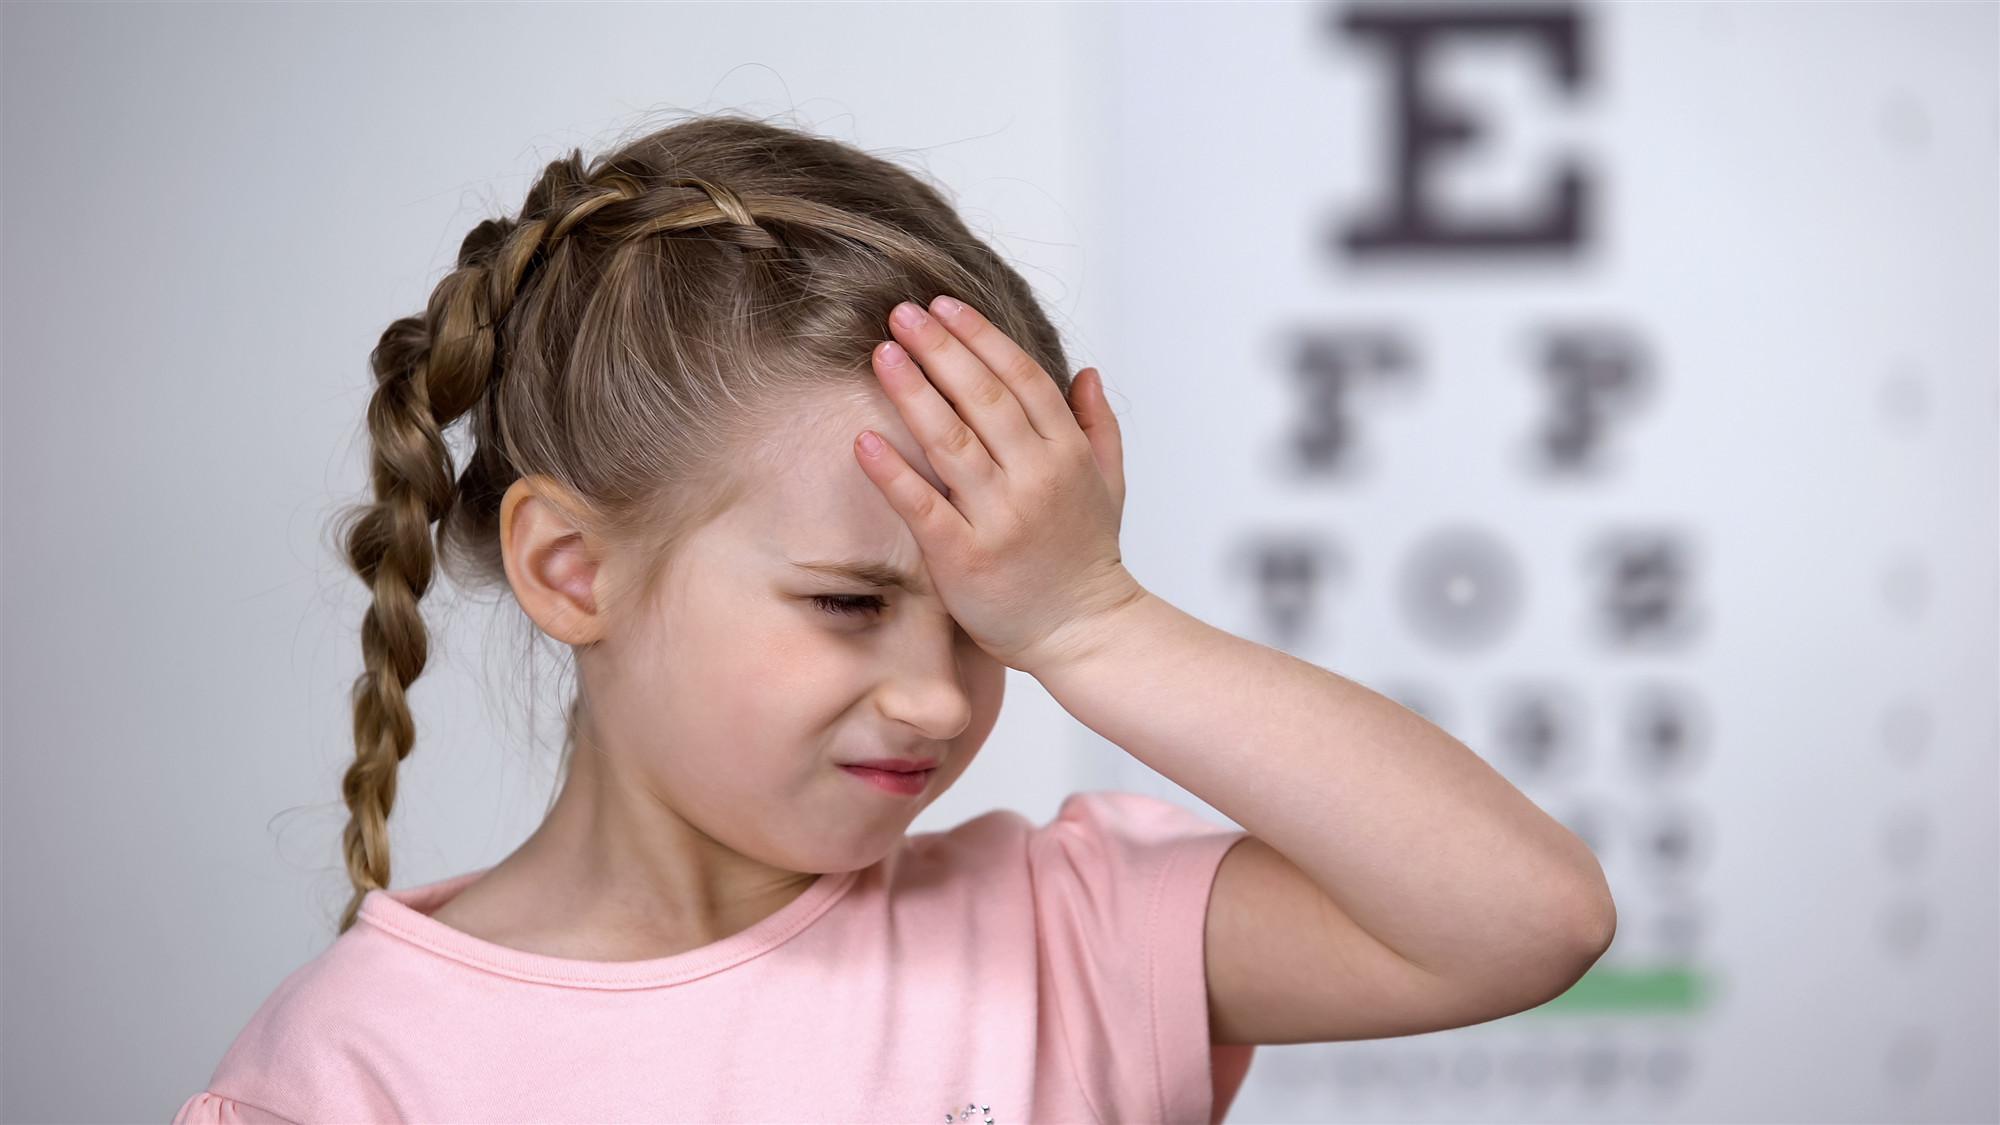 贝瞳科普 一只眼睛近视,一只眼睛远视,可以同时做手术矫正吗?